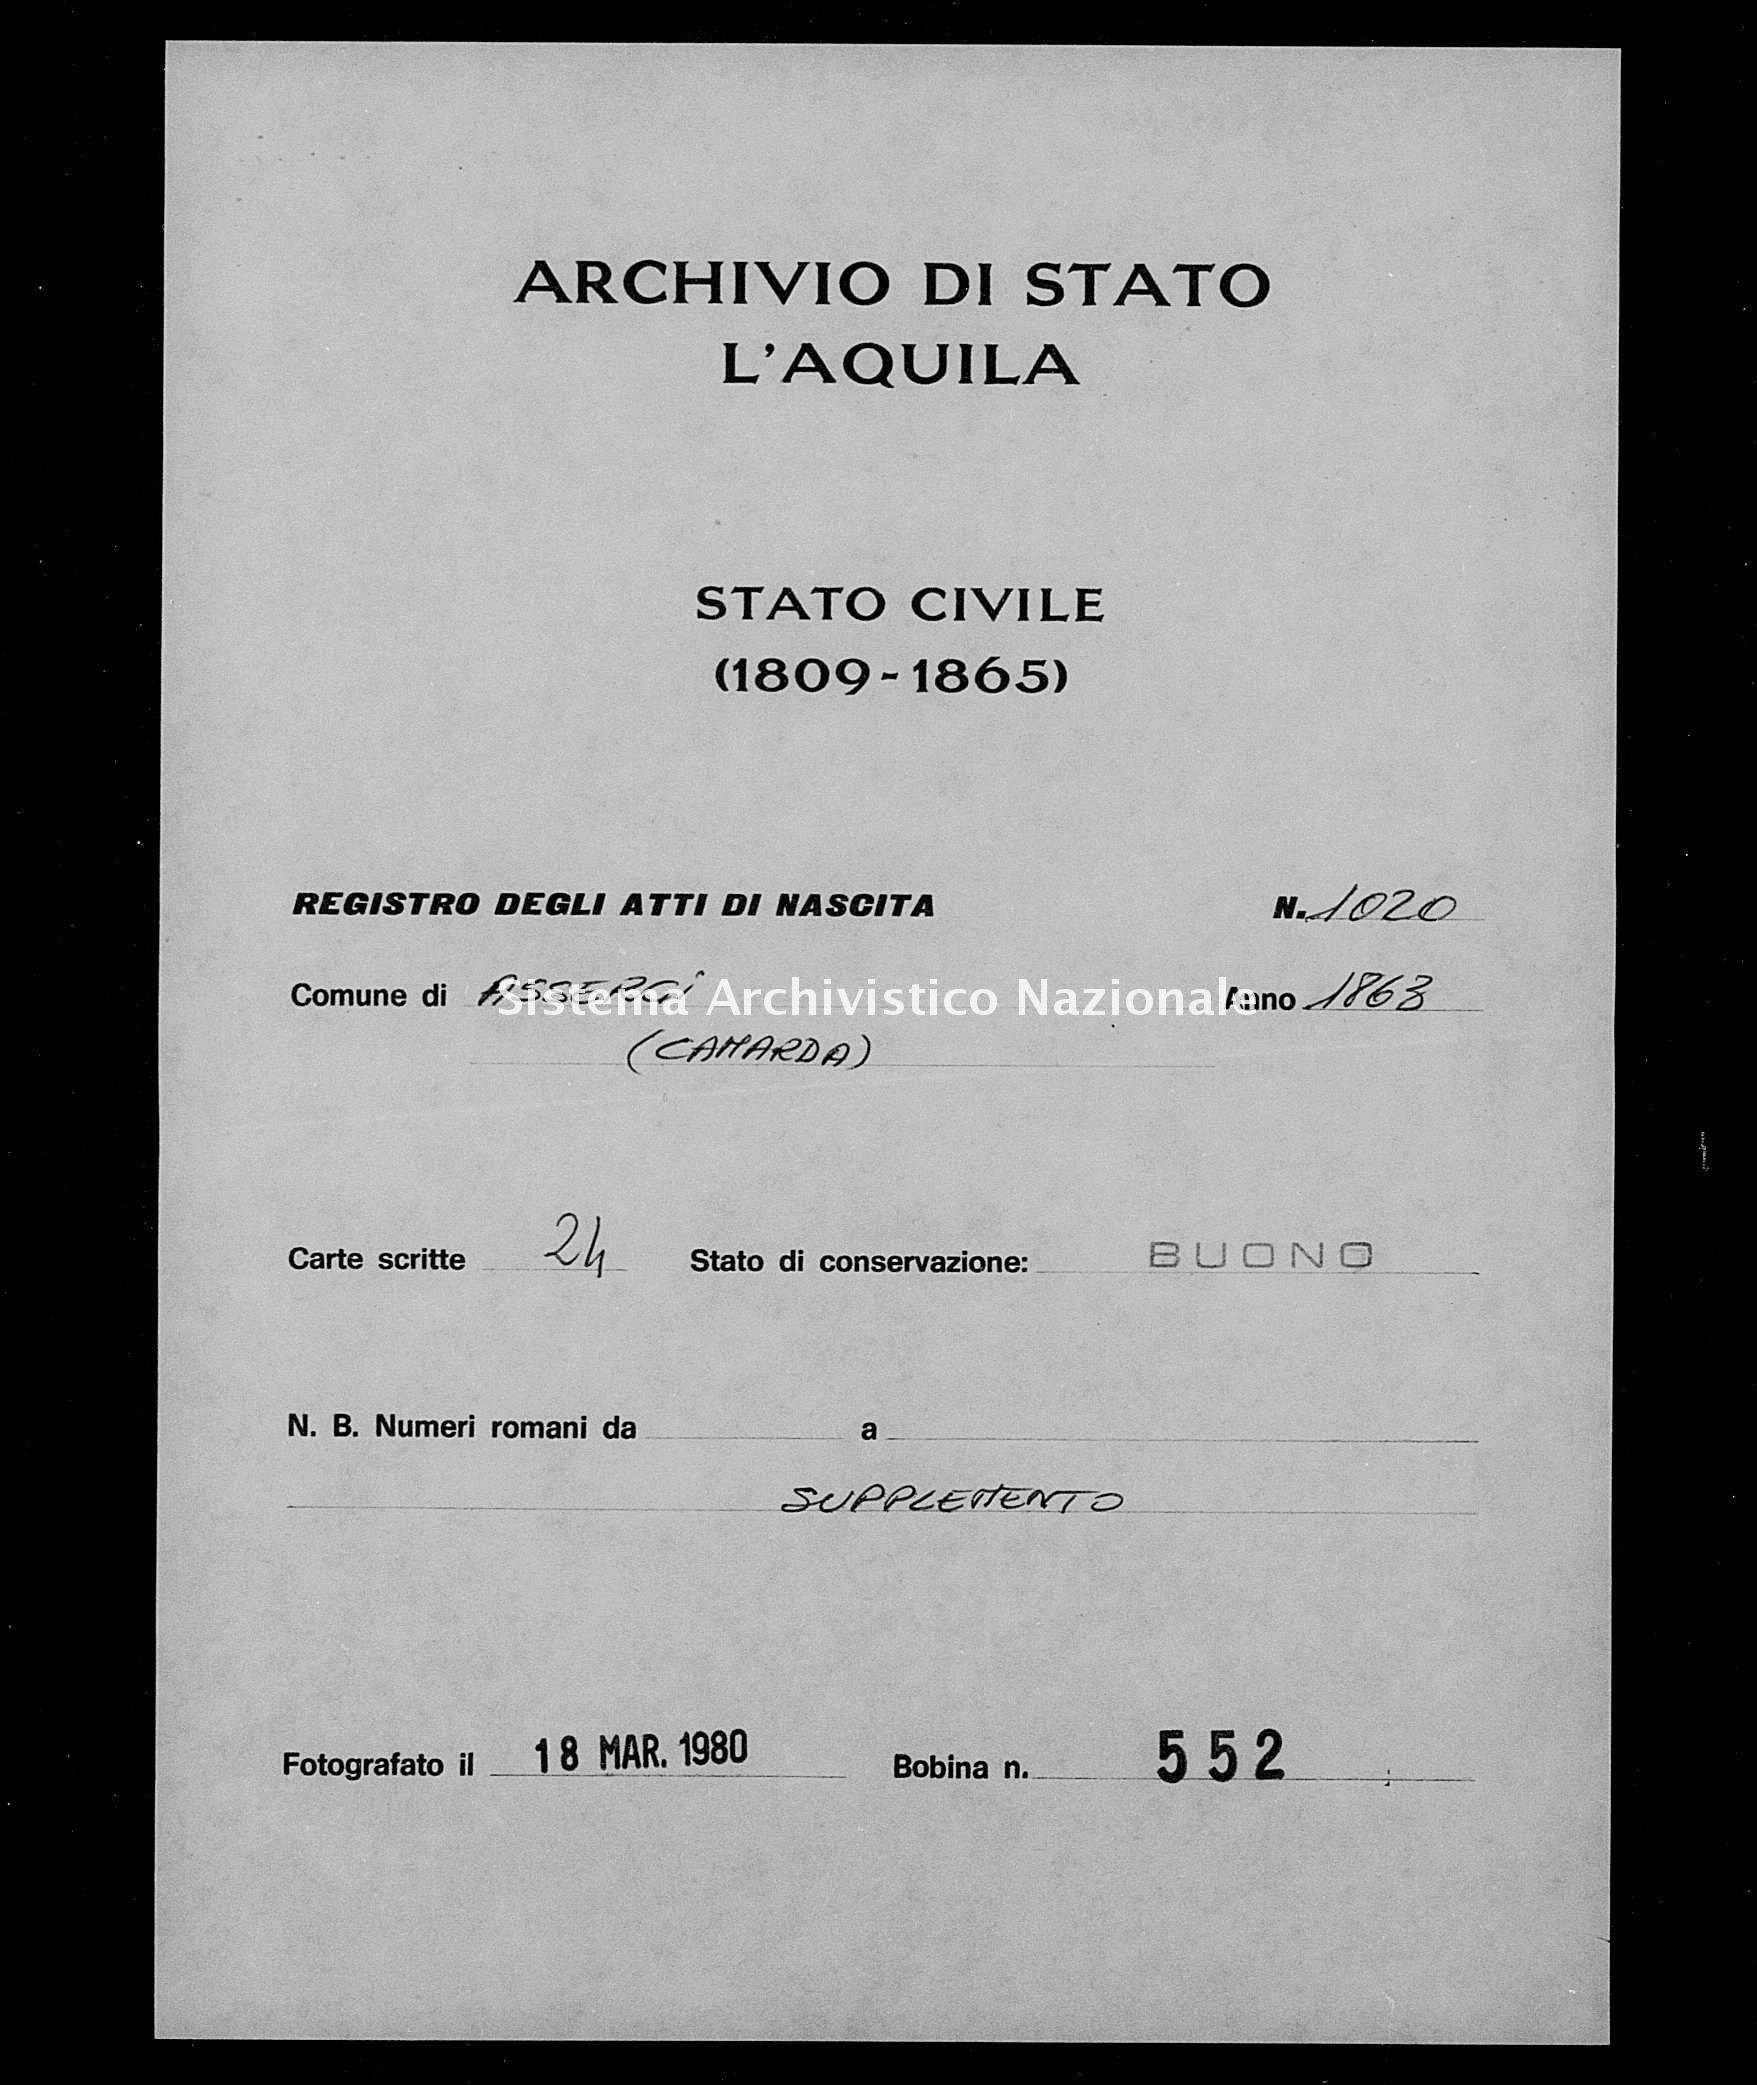 Archivio di stato di L'aquila - Stato civile italiano - Assergi - Nati, battesimi - 1863 - 1020 -